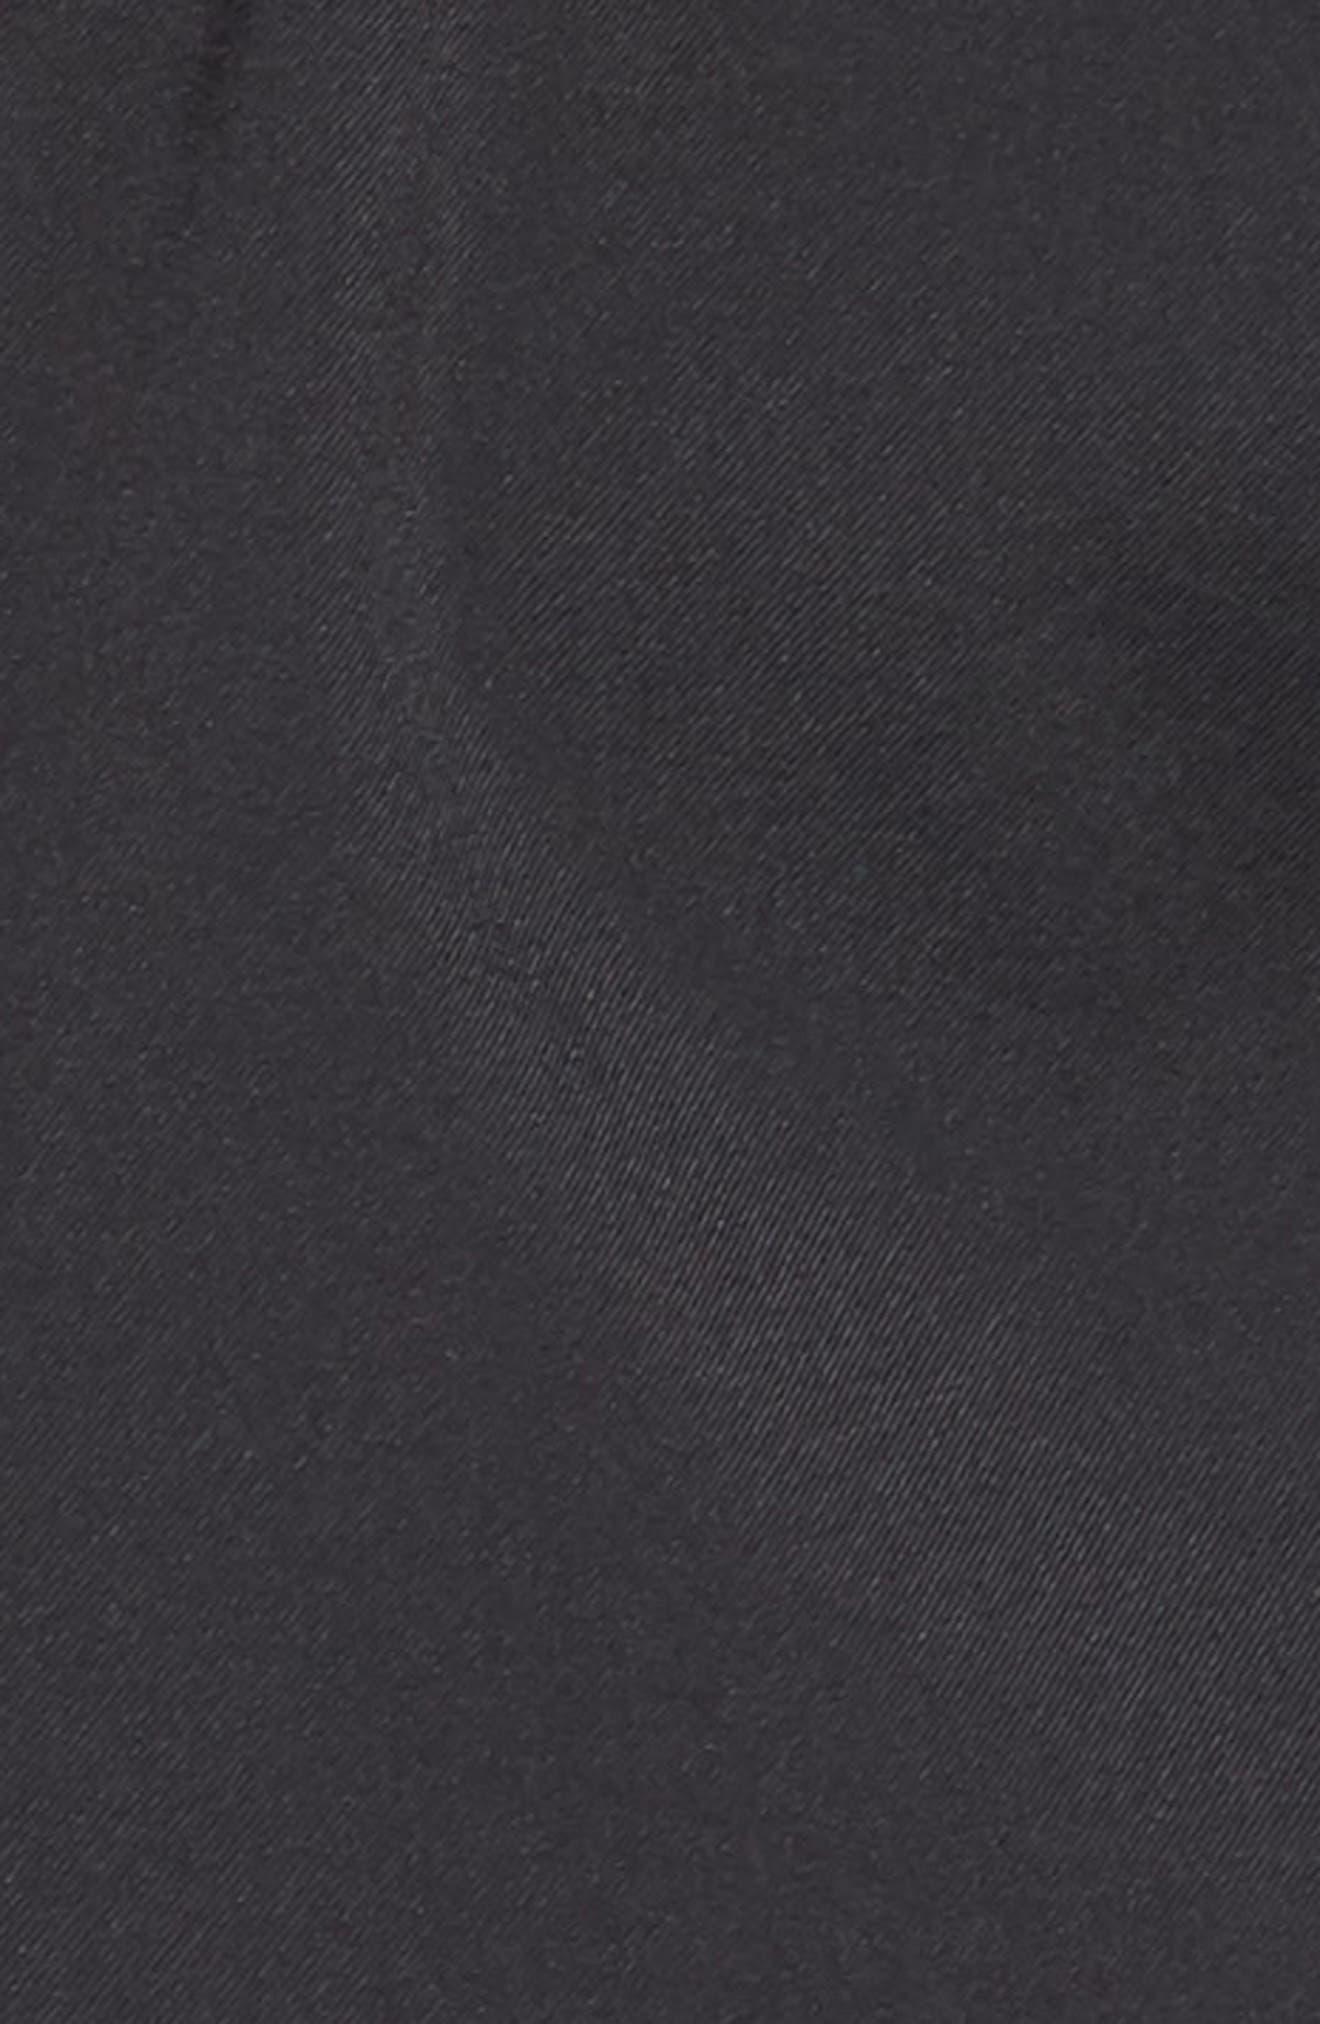 NRG Women's Utility Vest,                             Alternate thumbnail 7, color,                             BLACK/ VAPOR GREEN/ BLACK